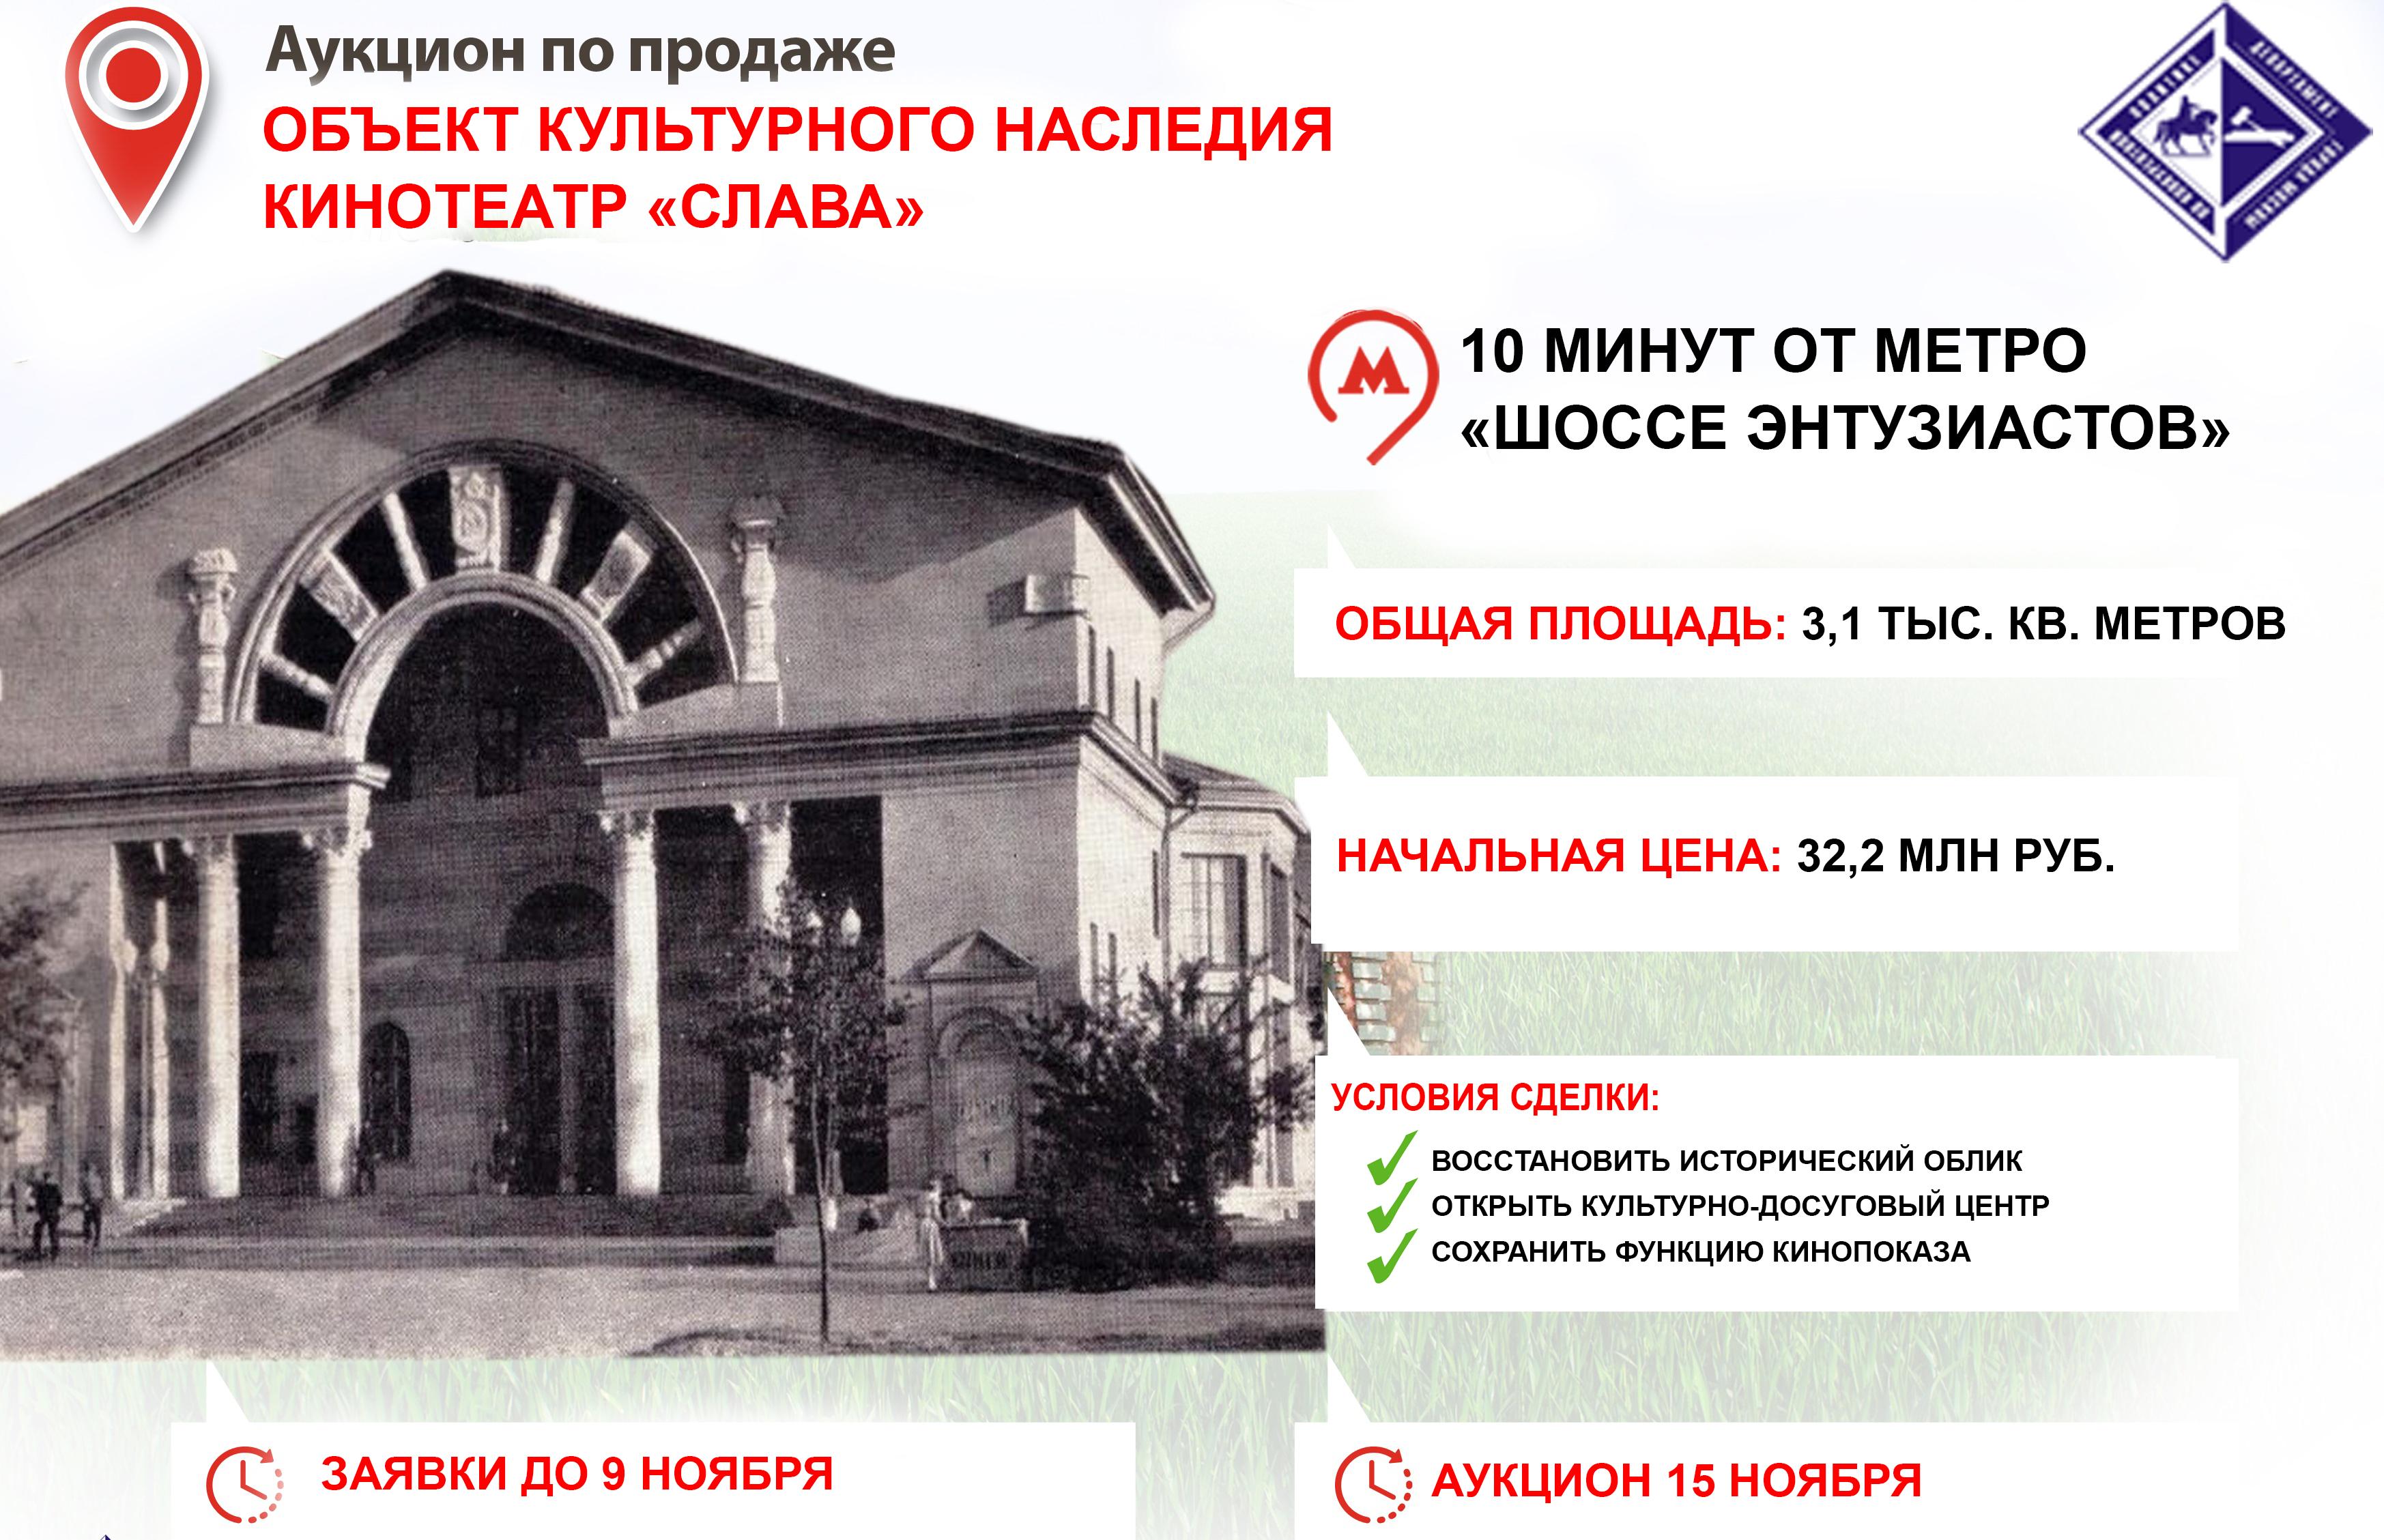 Аукцион или конкурс по продаже объекта культурного наследия